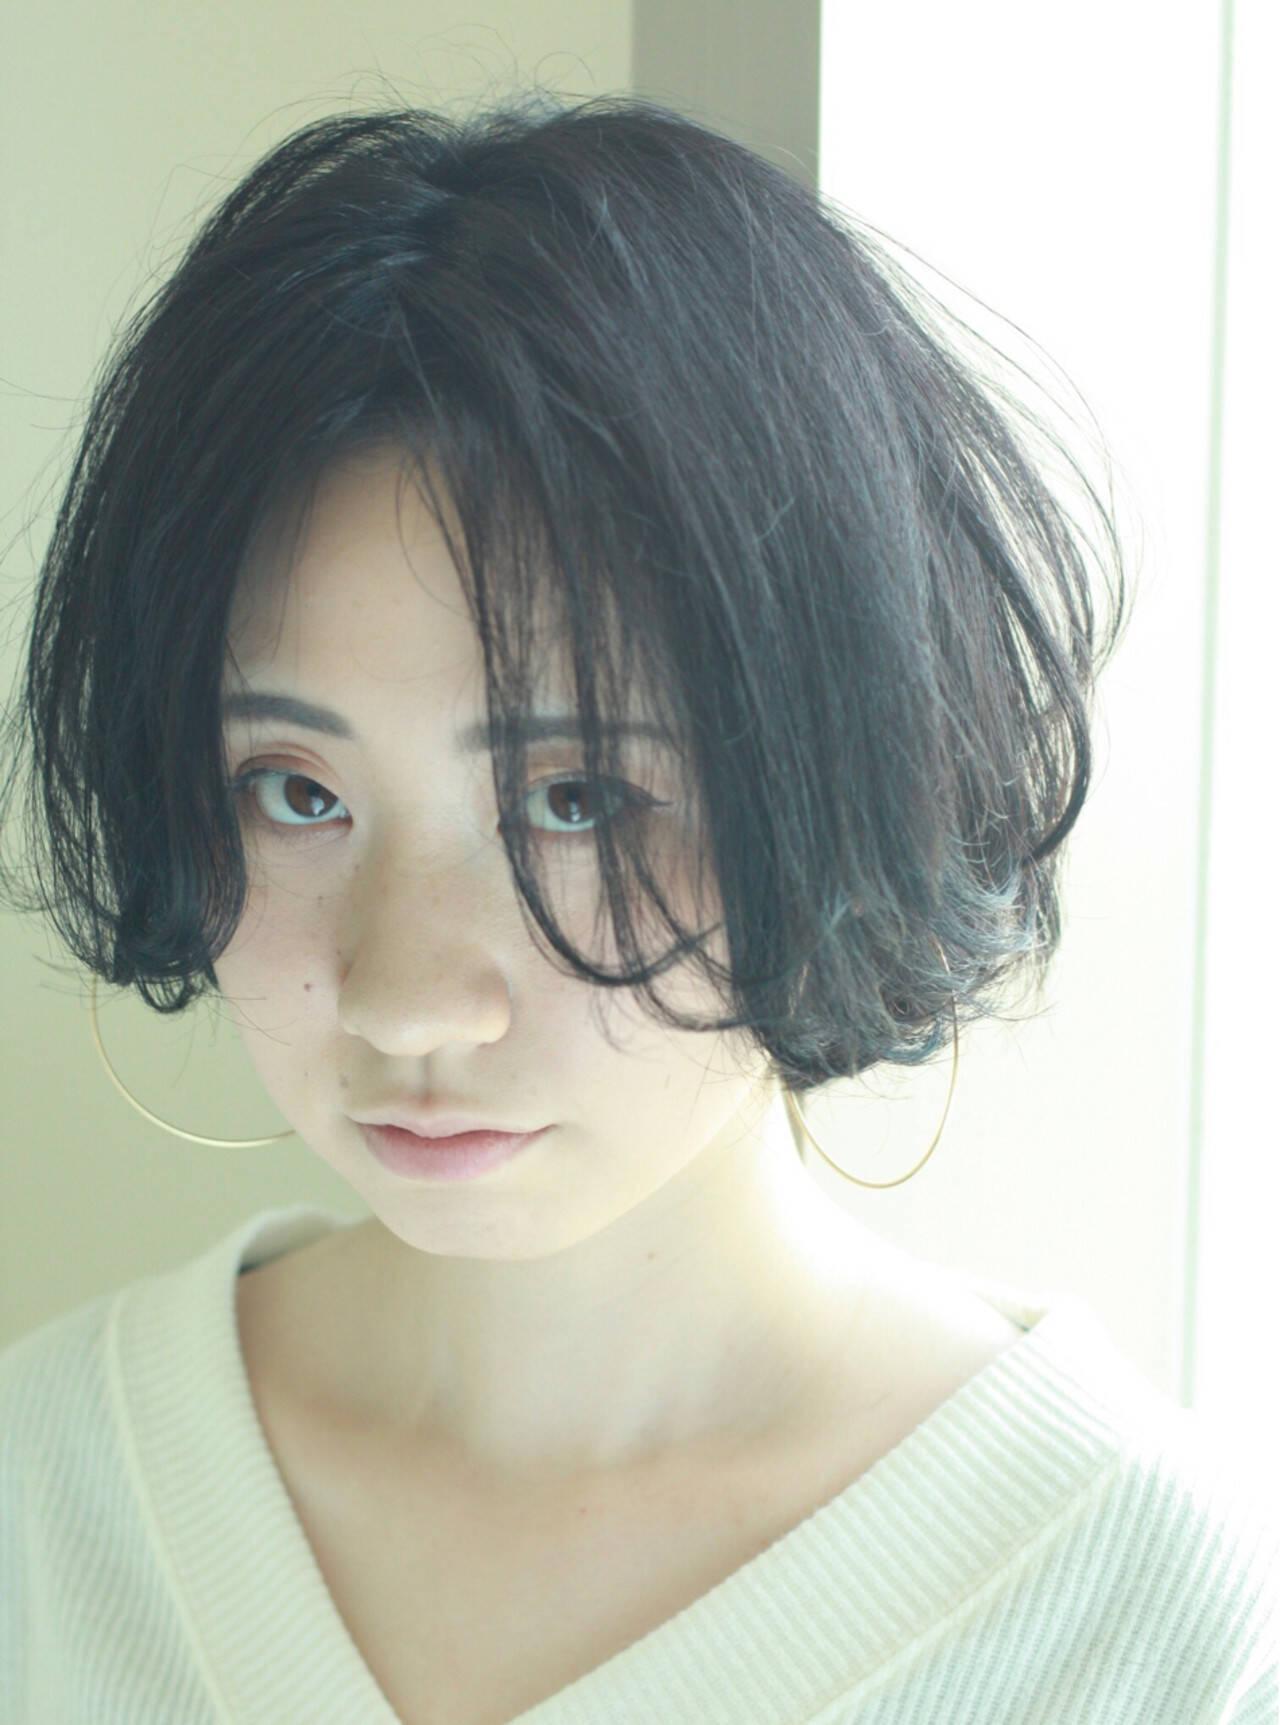 黒髪 ボブ パーマ センターパートヘアスタイルや髪型の写真・画像